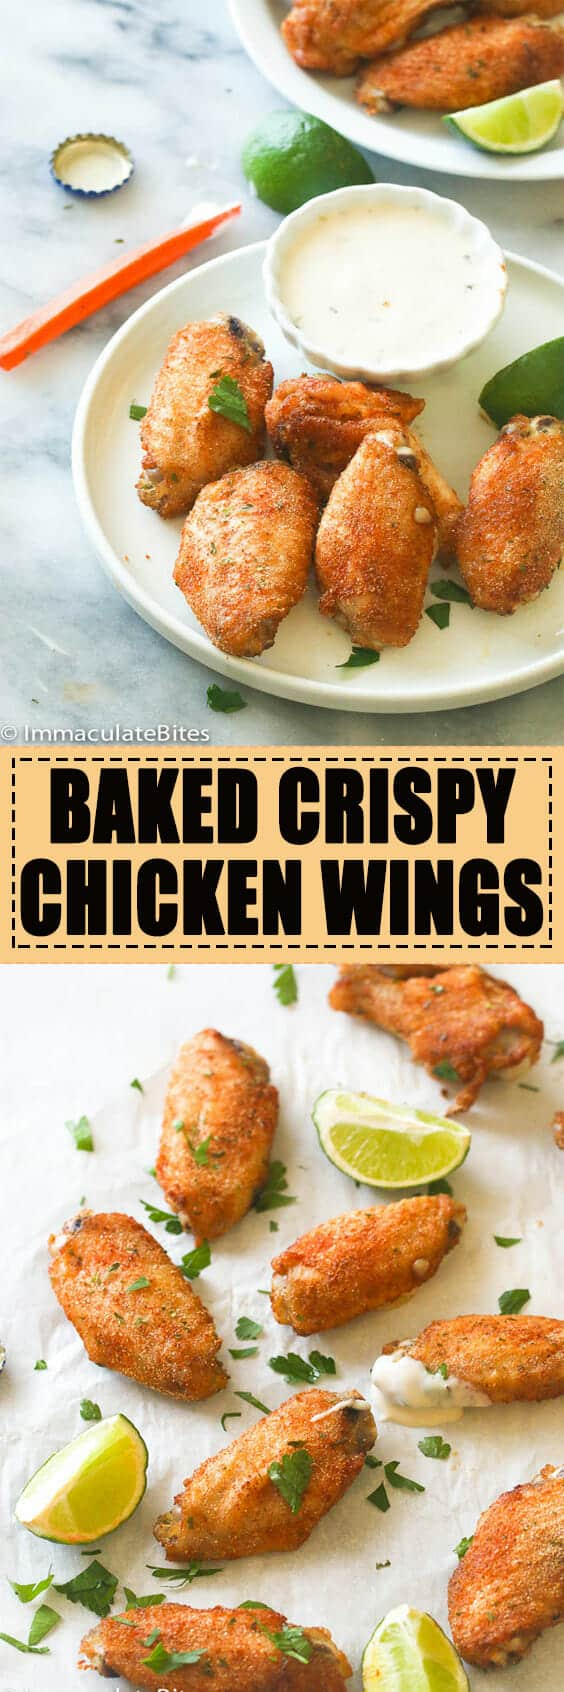 Baked Crispy Chicken Wings